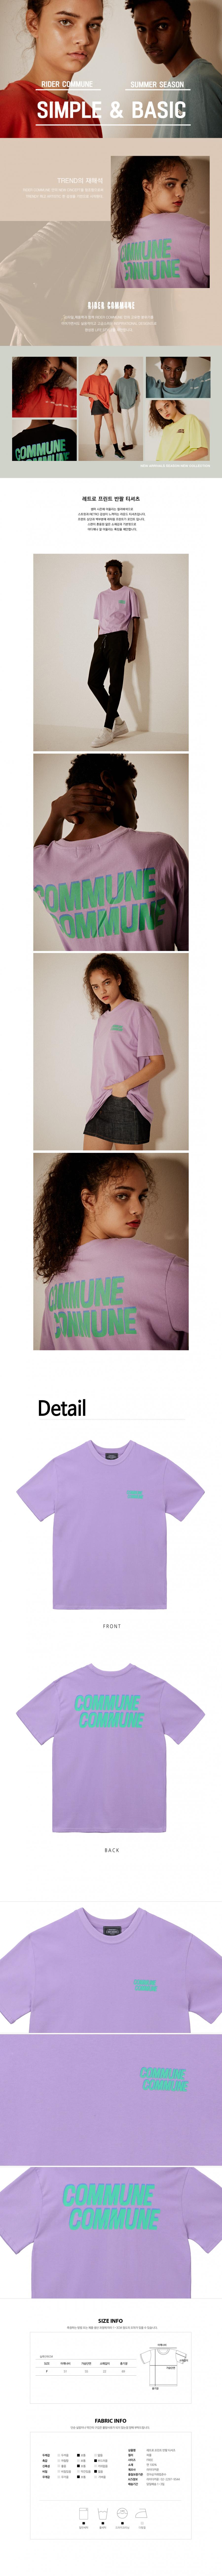 라이더커뮨(RIDER COMMUNE) 레트로 프린트 티셔츠 - 퍼플 (남여공용)